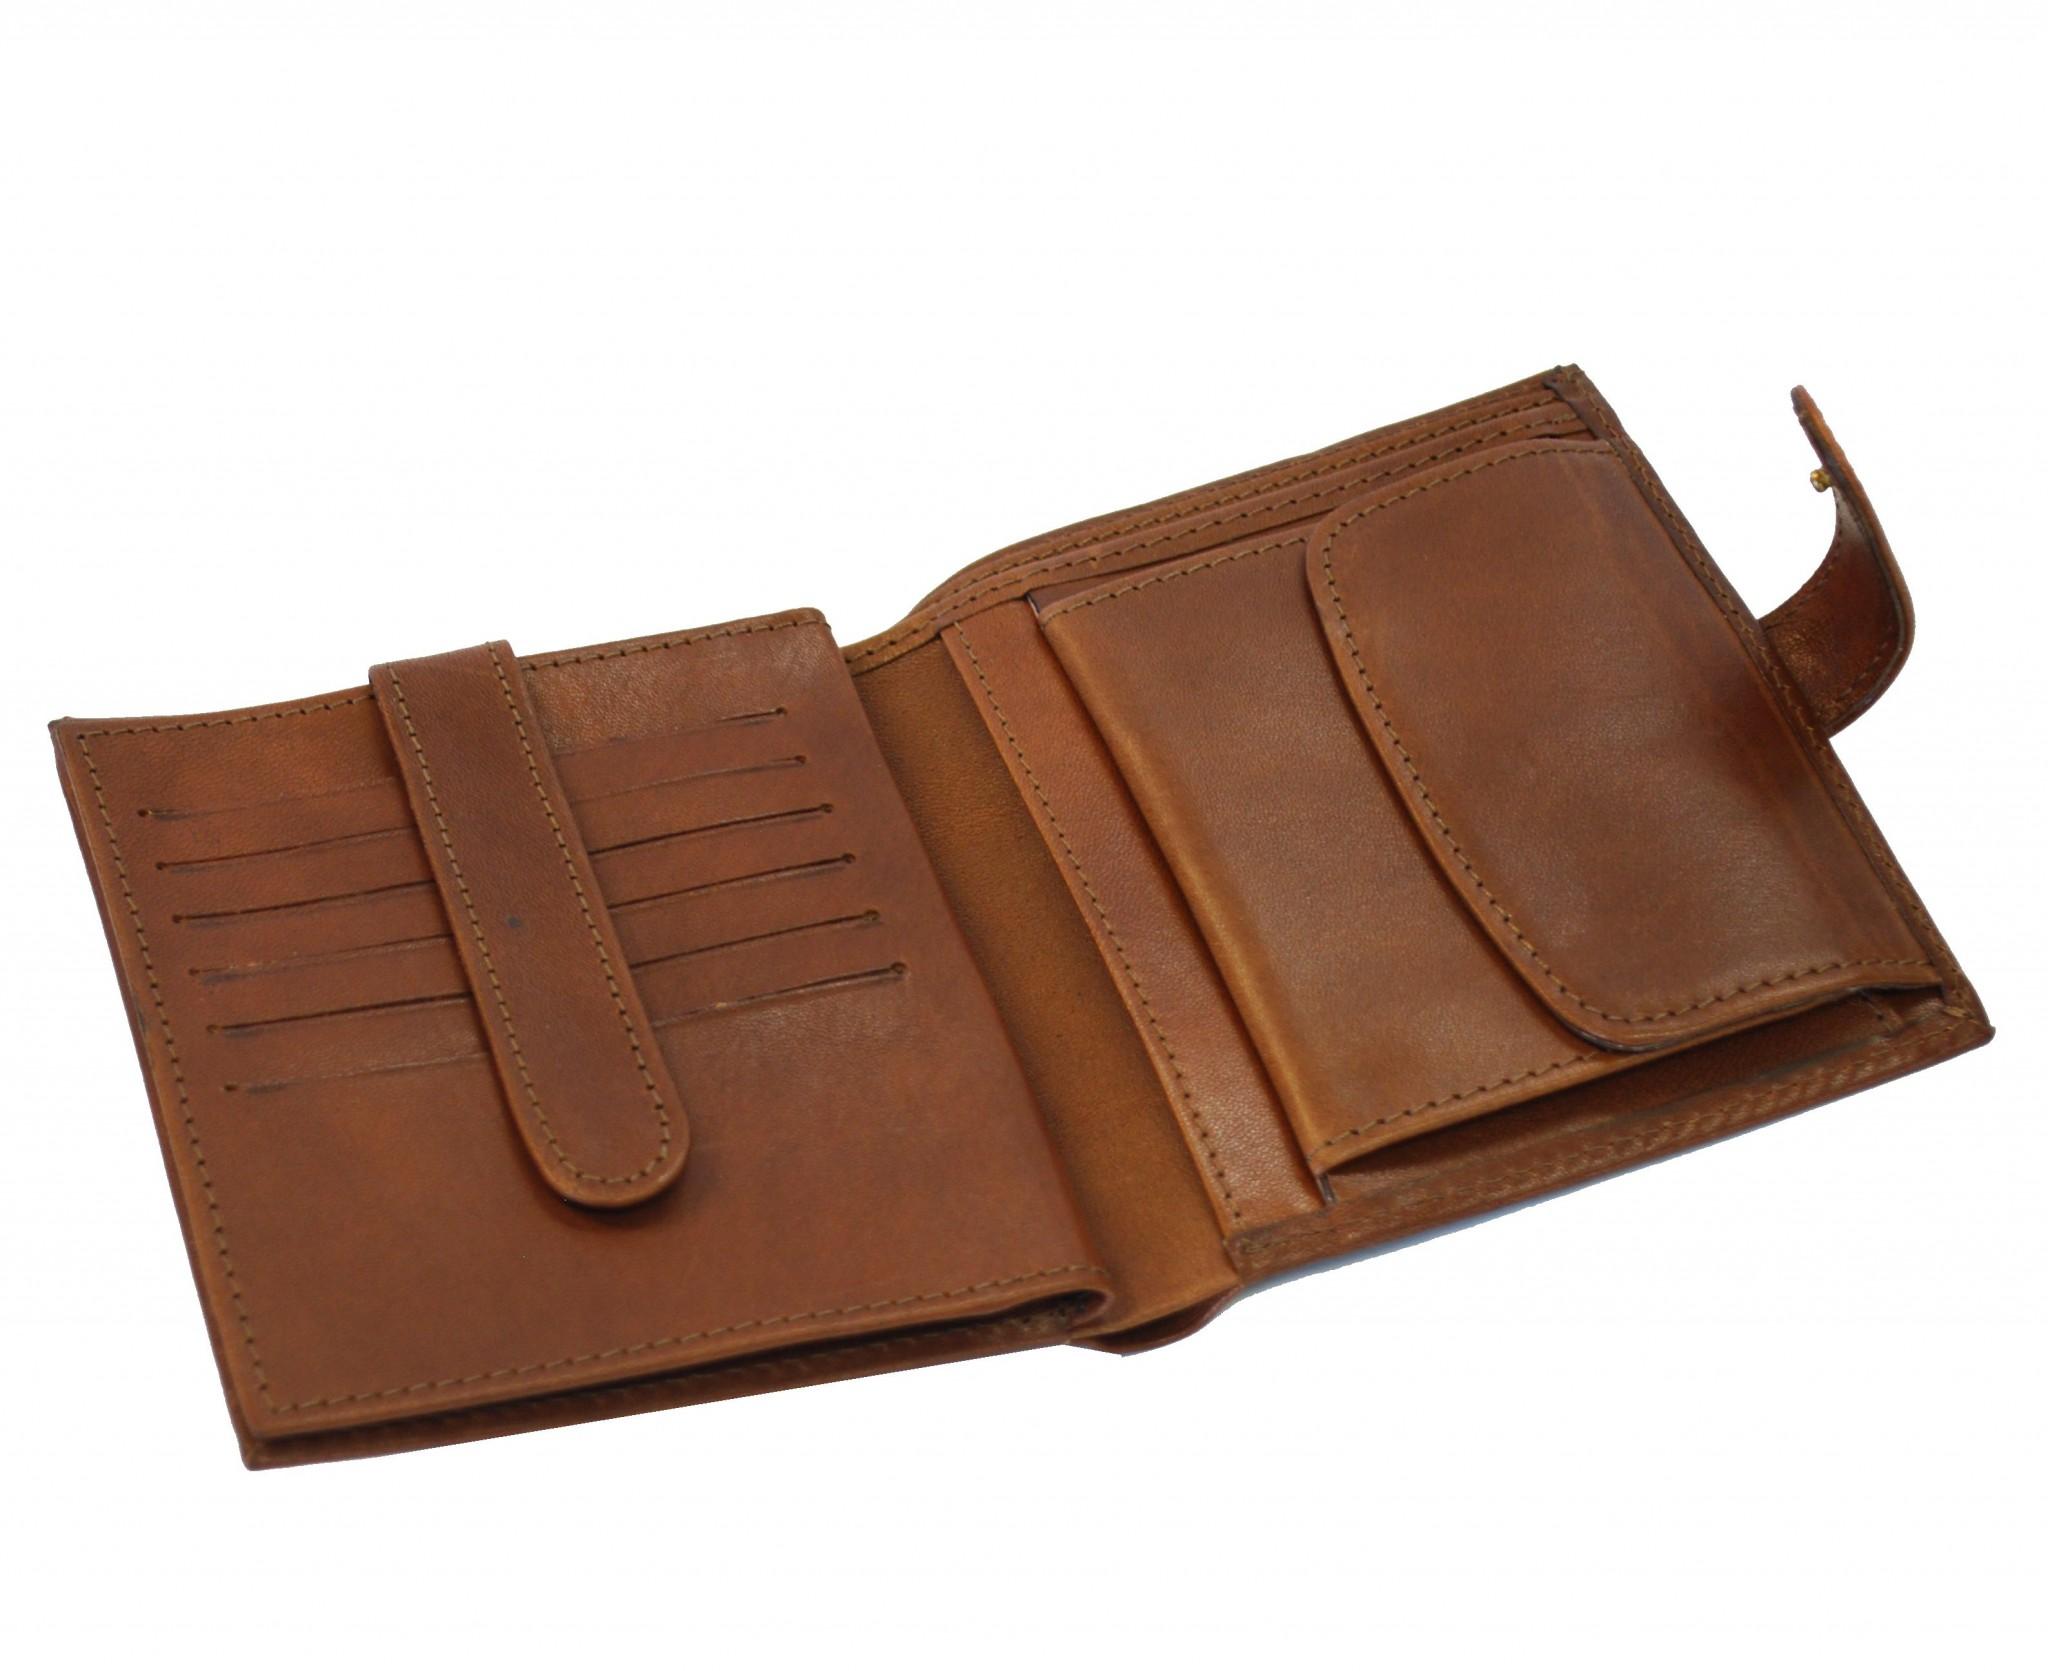 Luxusná exkluzívna kožená peňaženka č.8333 v hnedej farbe  d2f8e74caed